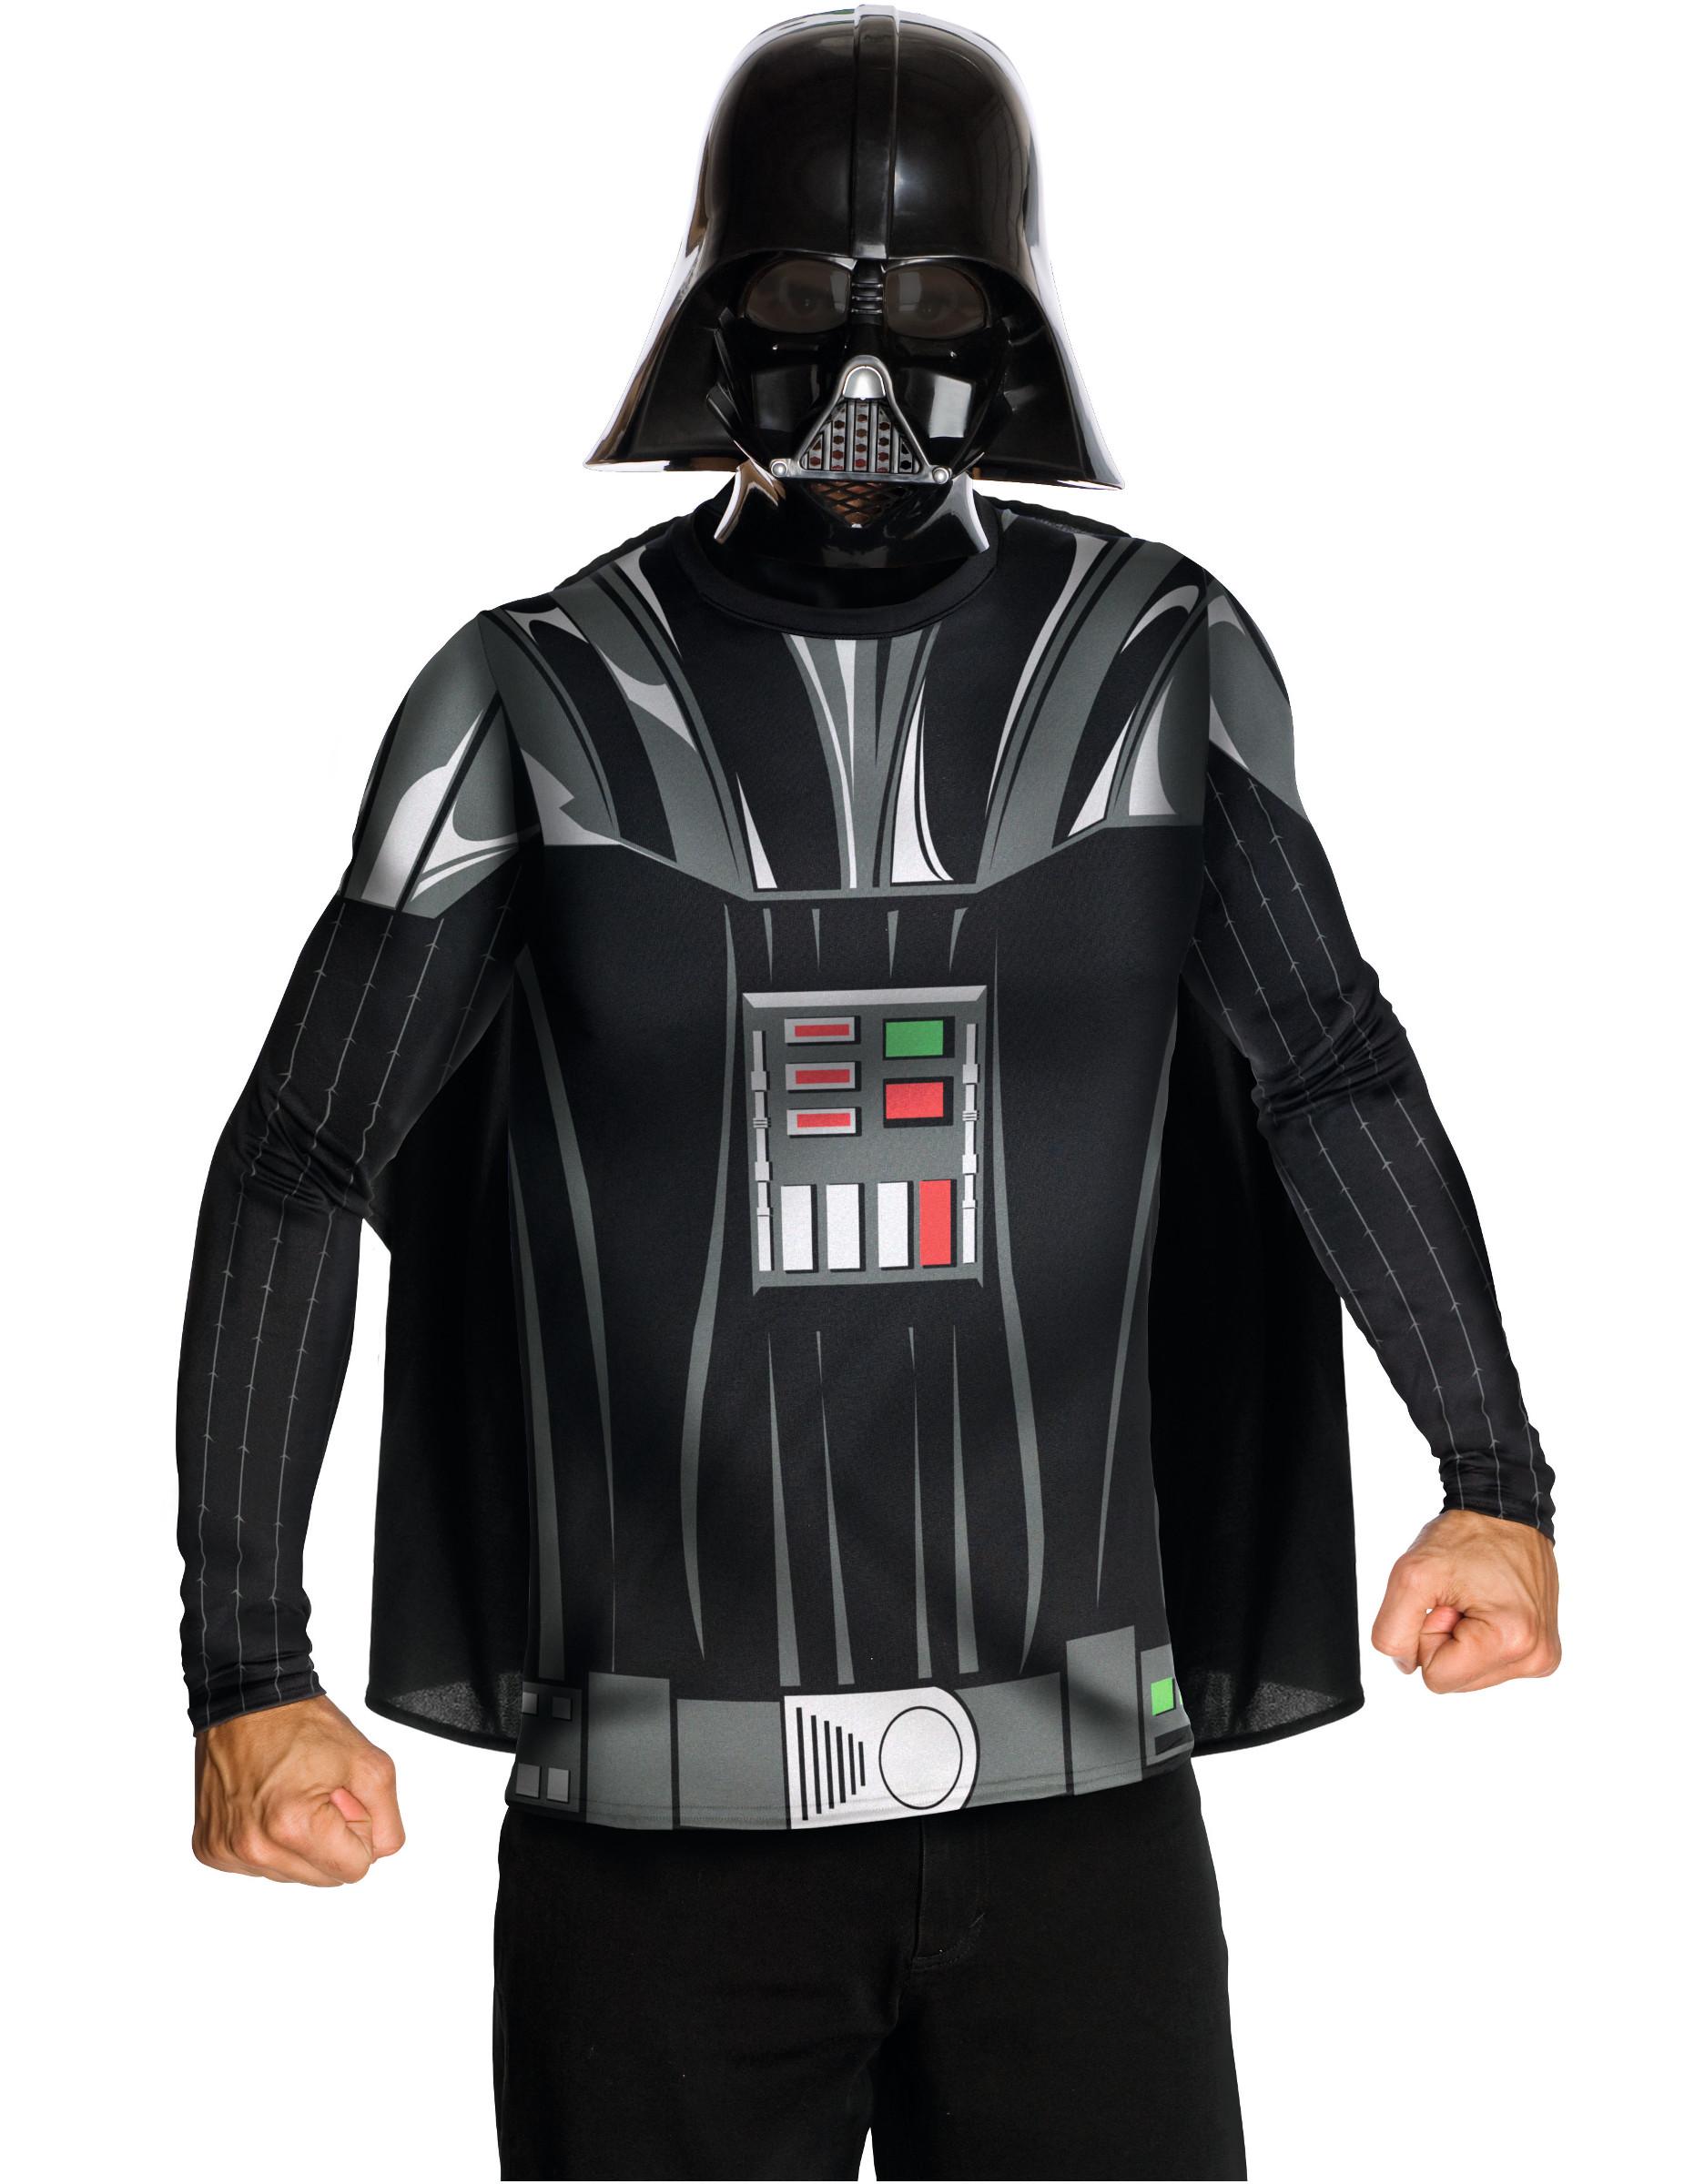 Darth Vader™ Maskeraddräkt och Mask e0b9dee0a15e2